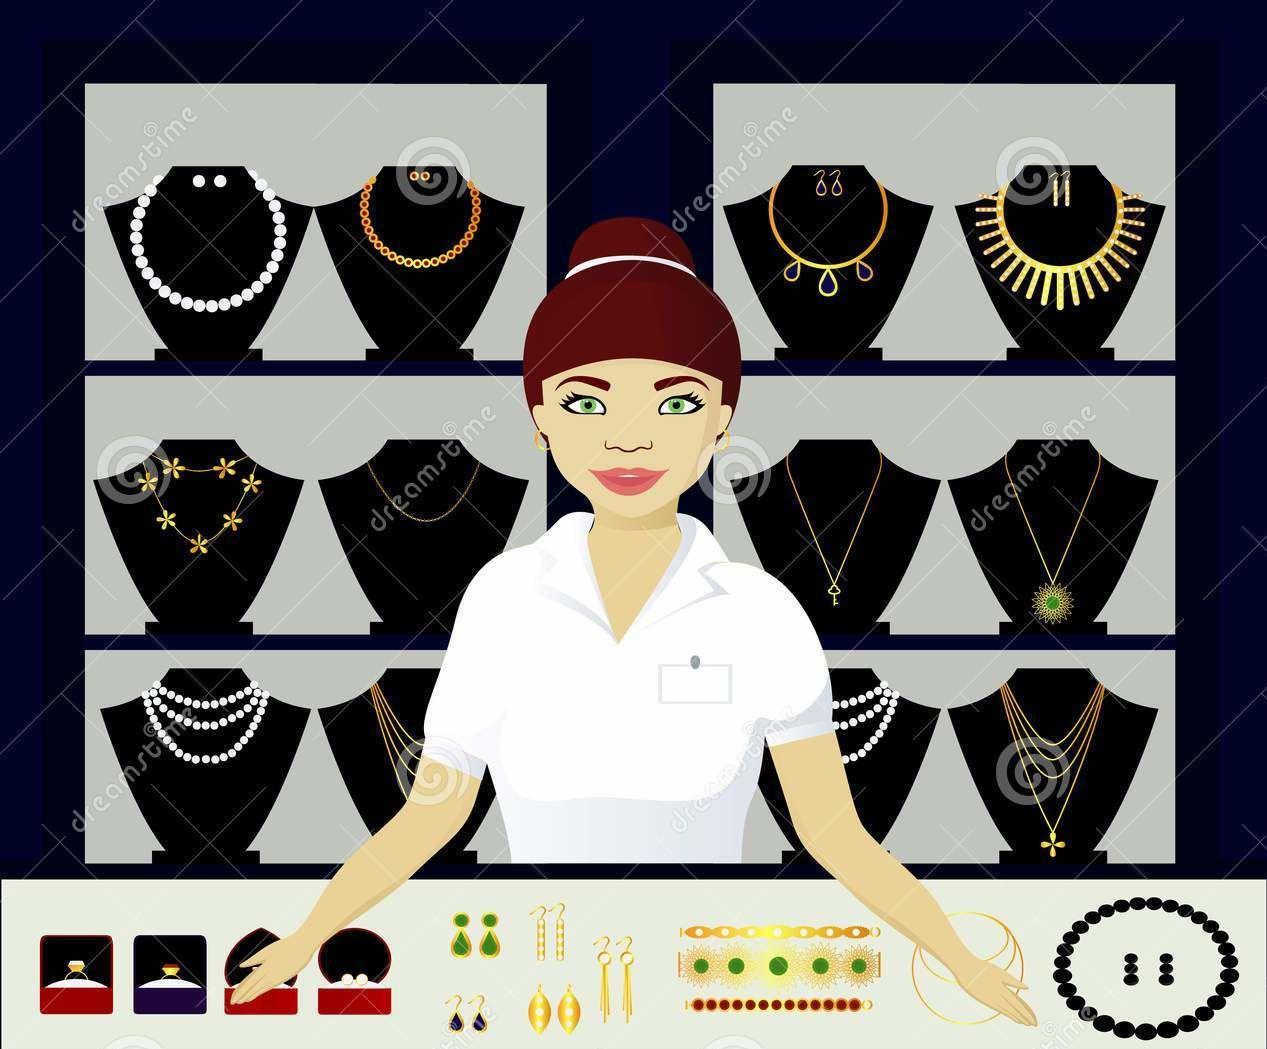 فروشنده طلا و جواهر